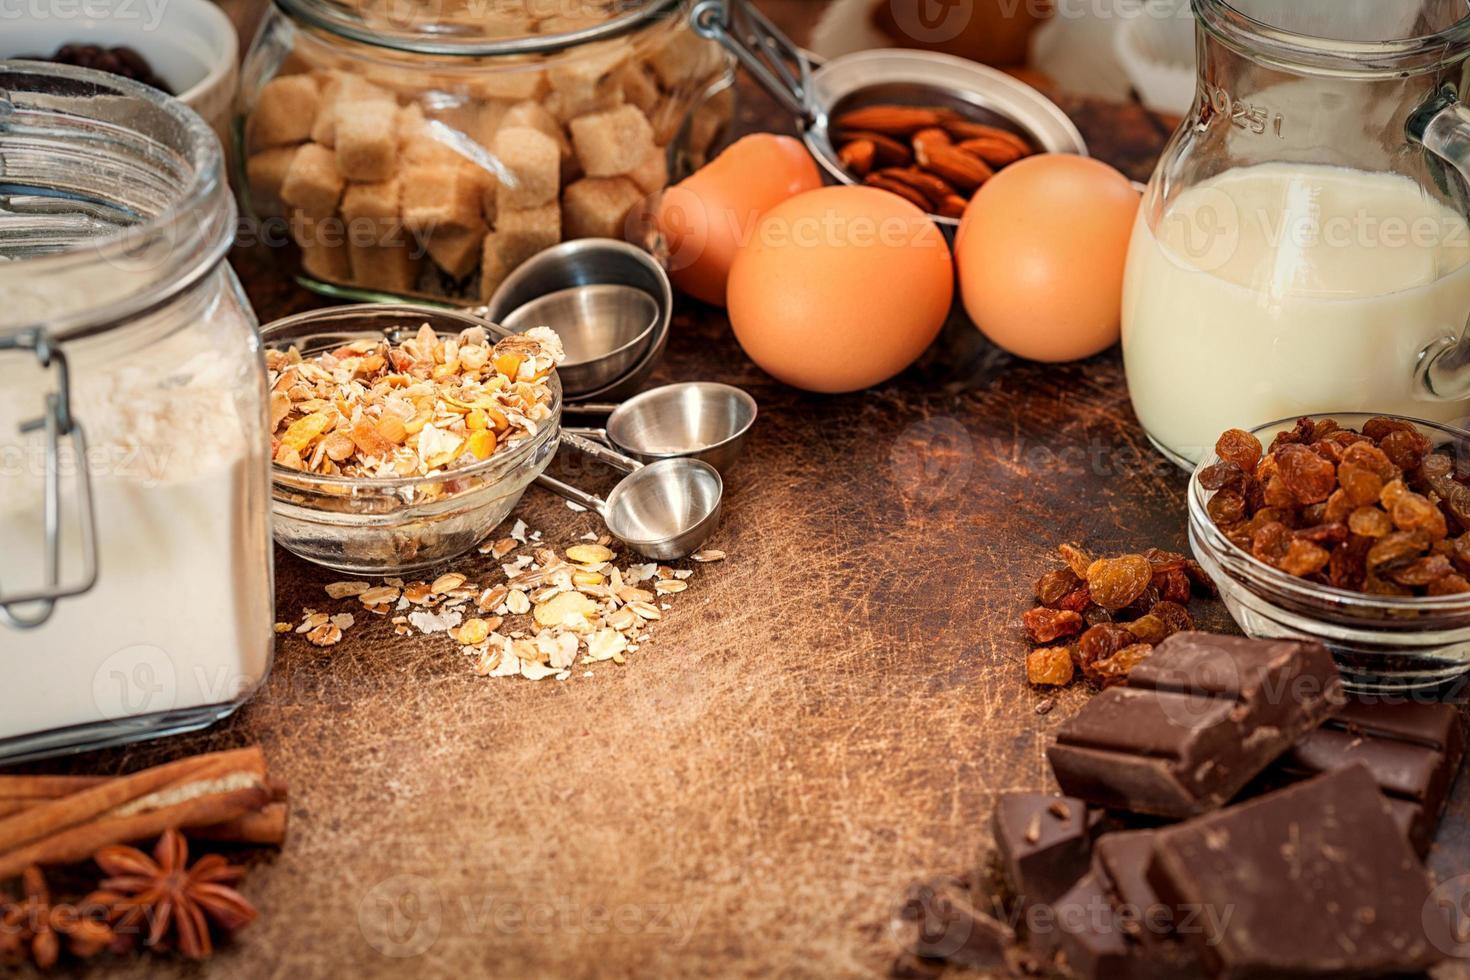 ingredientes de la receta de pastel sobre fondo de madera foto